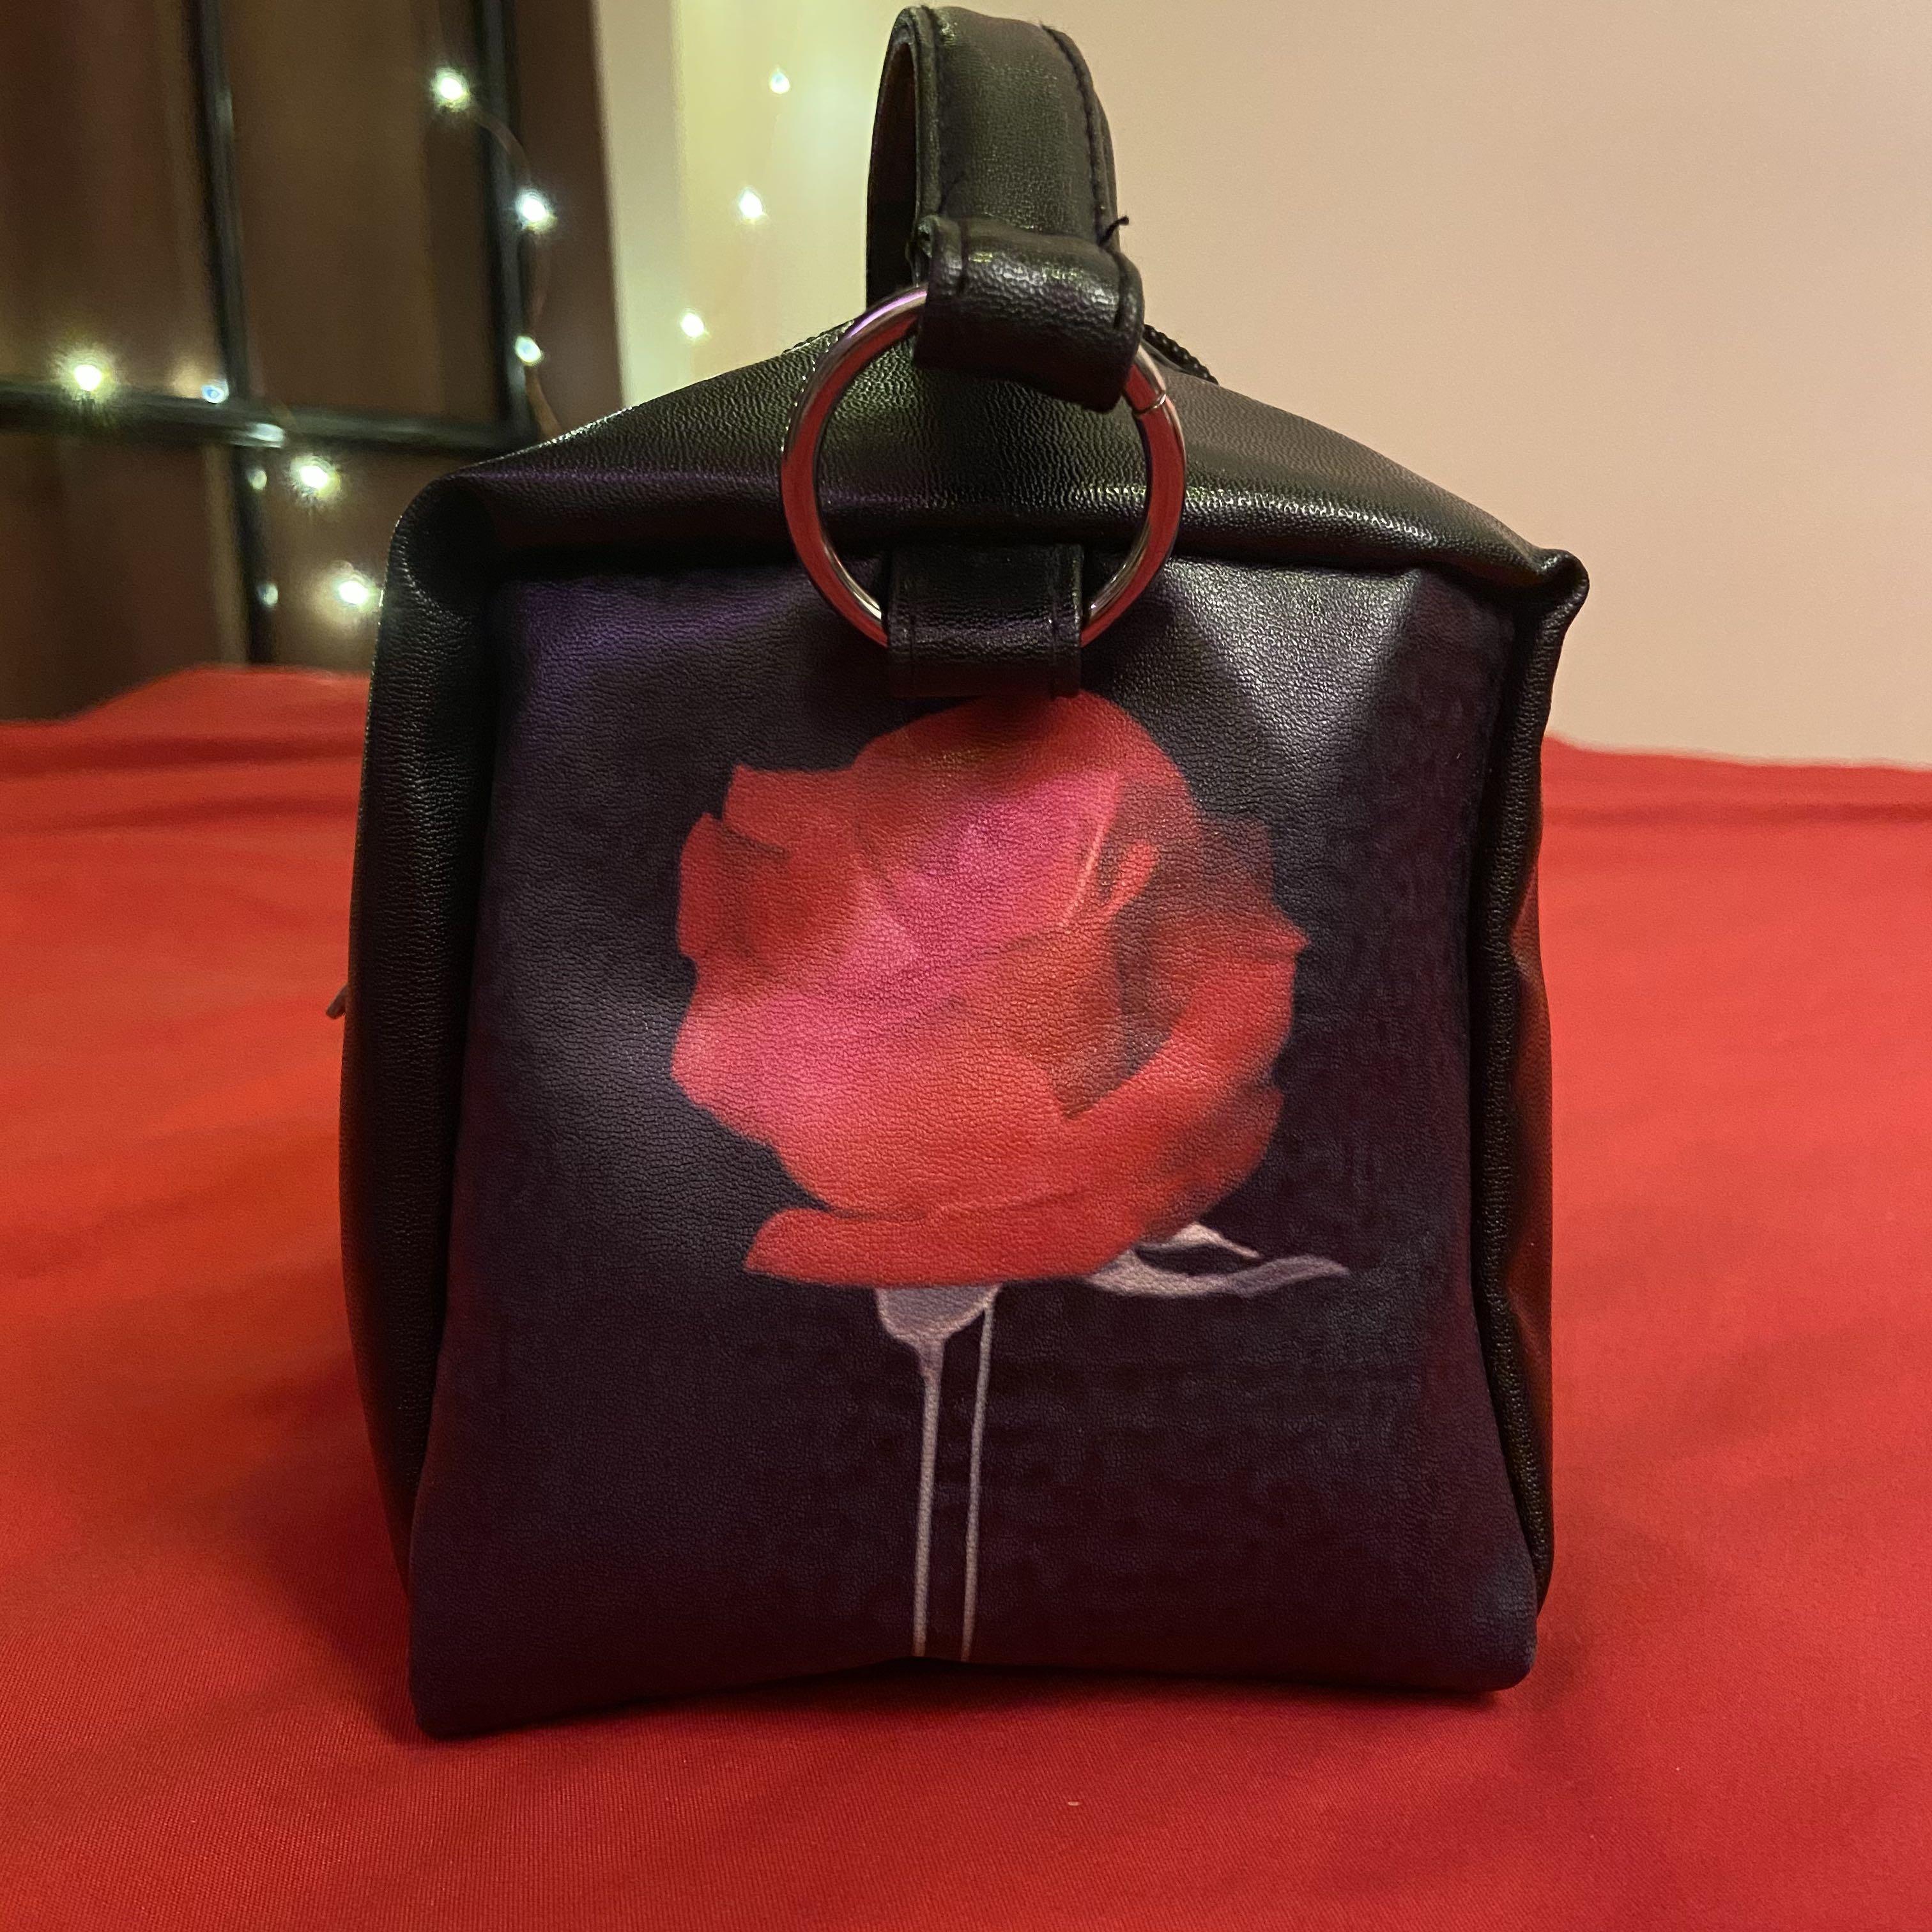 Rose bag - punk cute e-girl